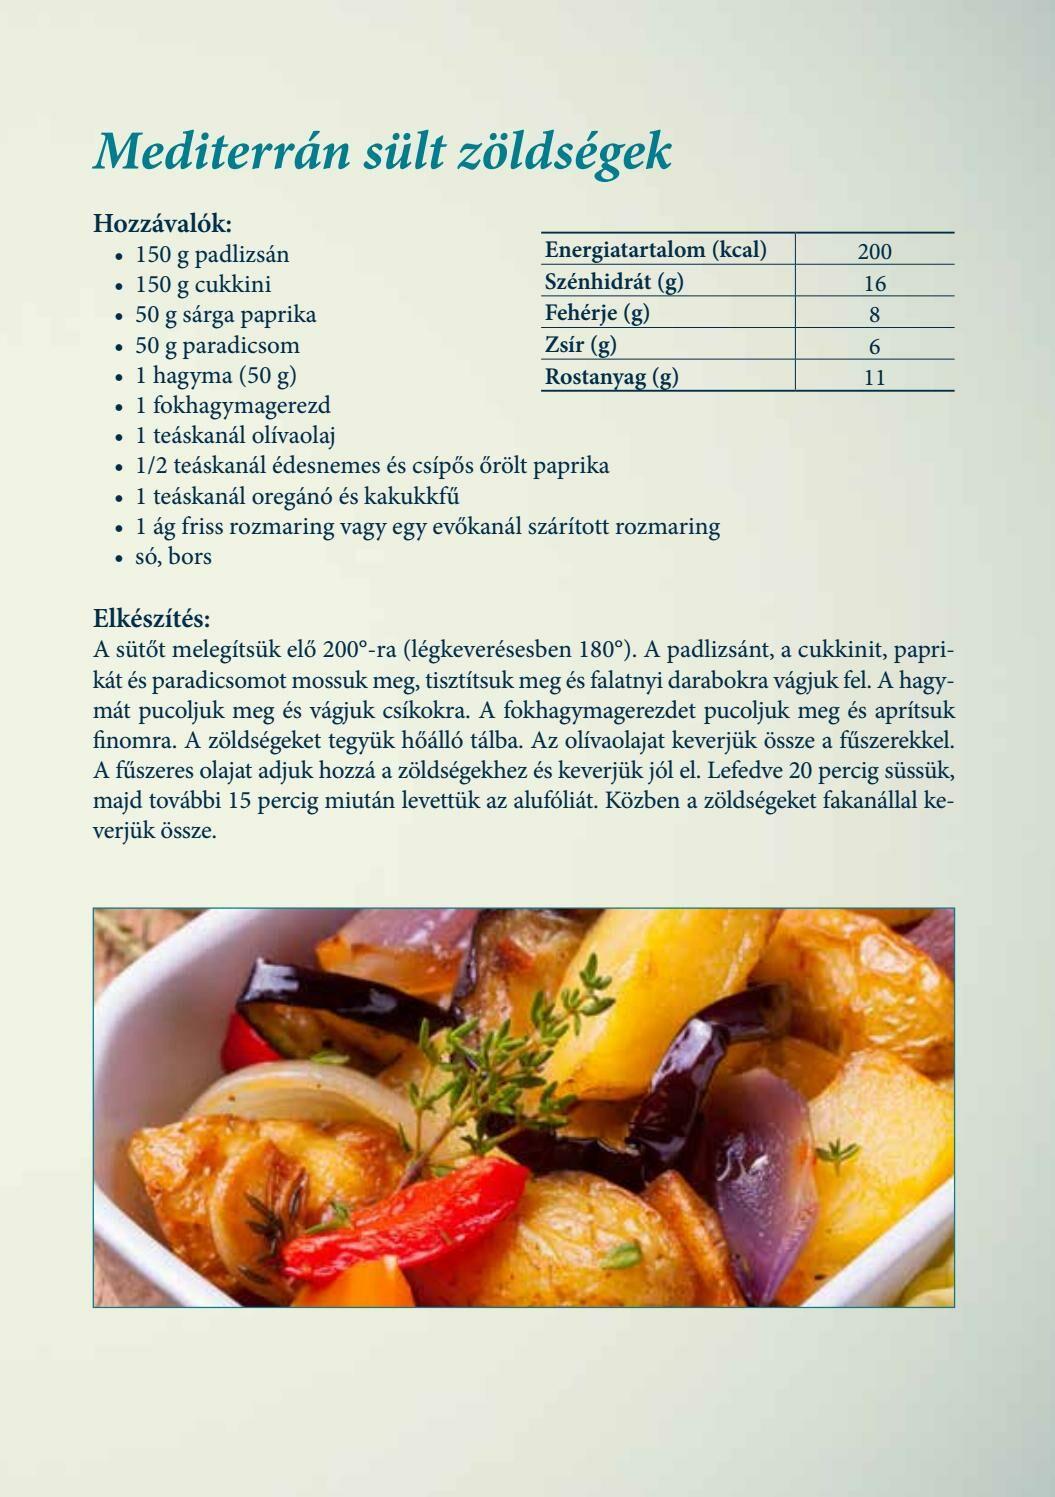 Diétás receptek - Mediterrán sült zöldségek - jópatikus